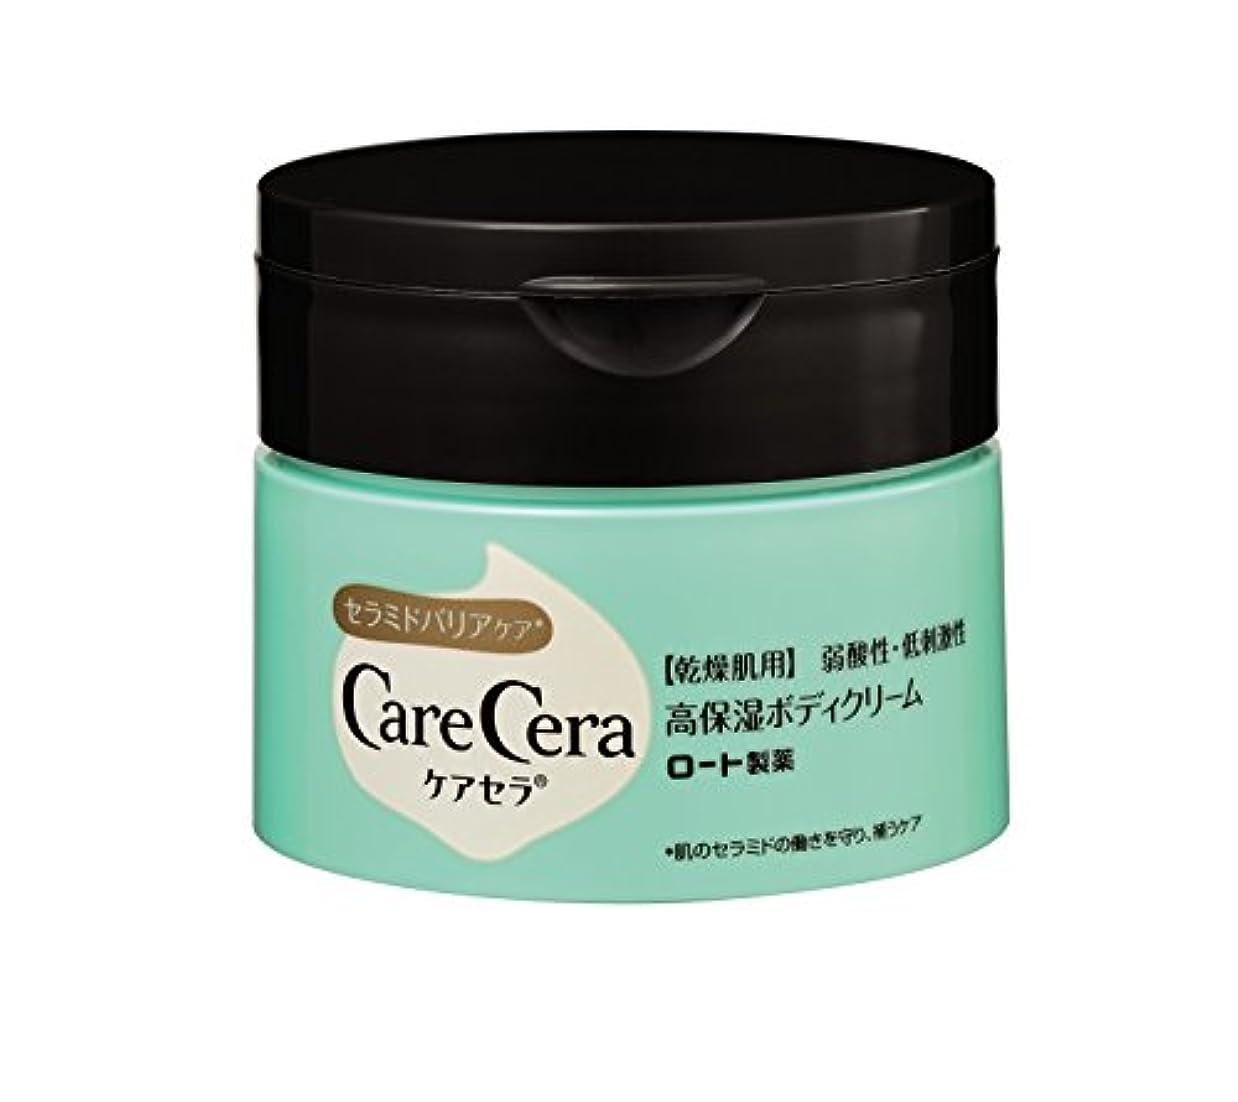 ブラインド建物狂うCareCera(ケアセラ) 高保湿 ボディクリーム 100g